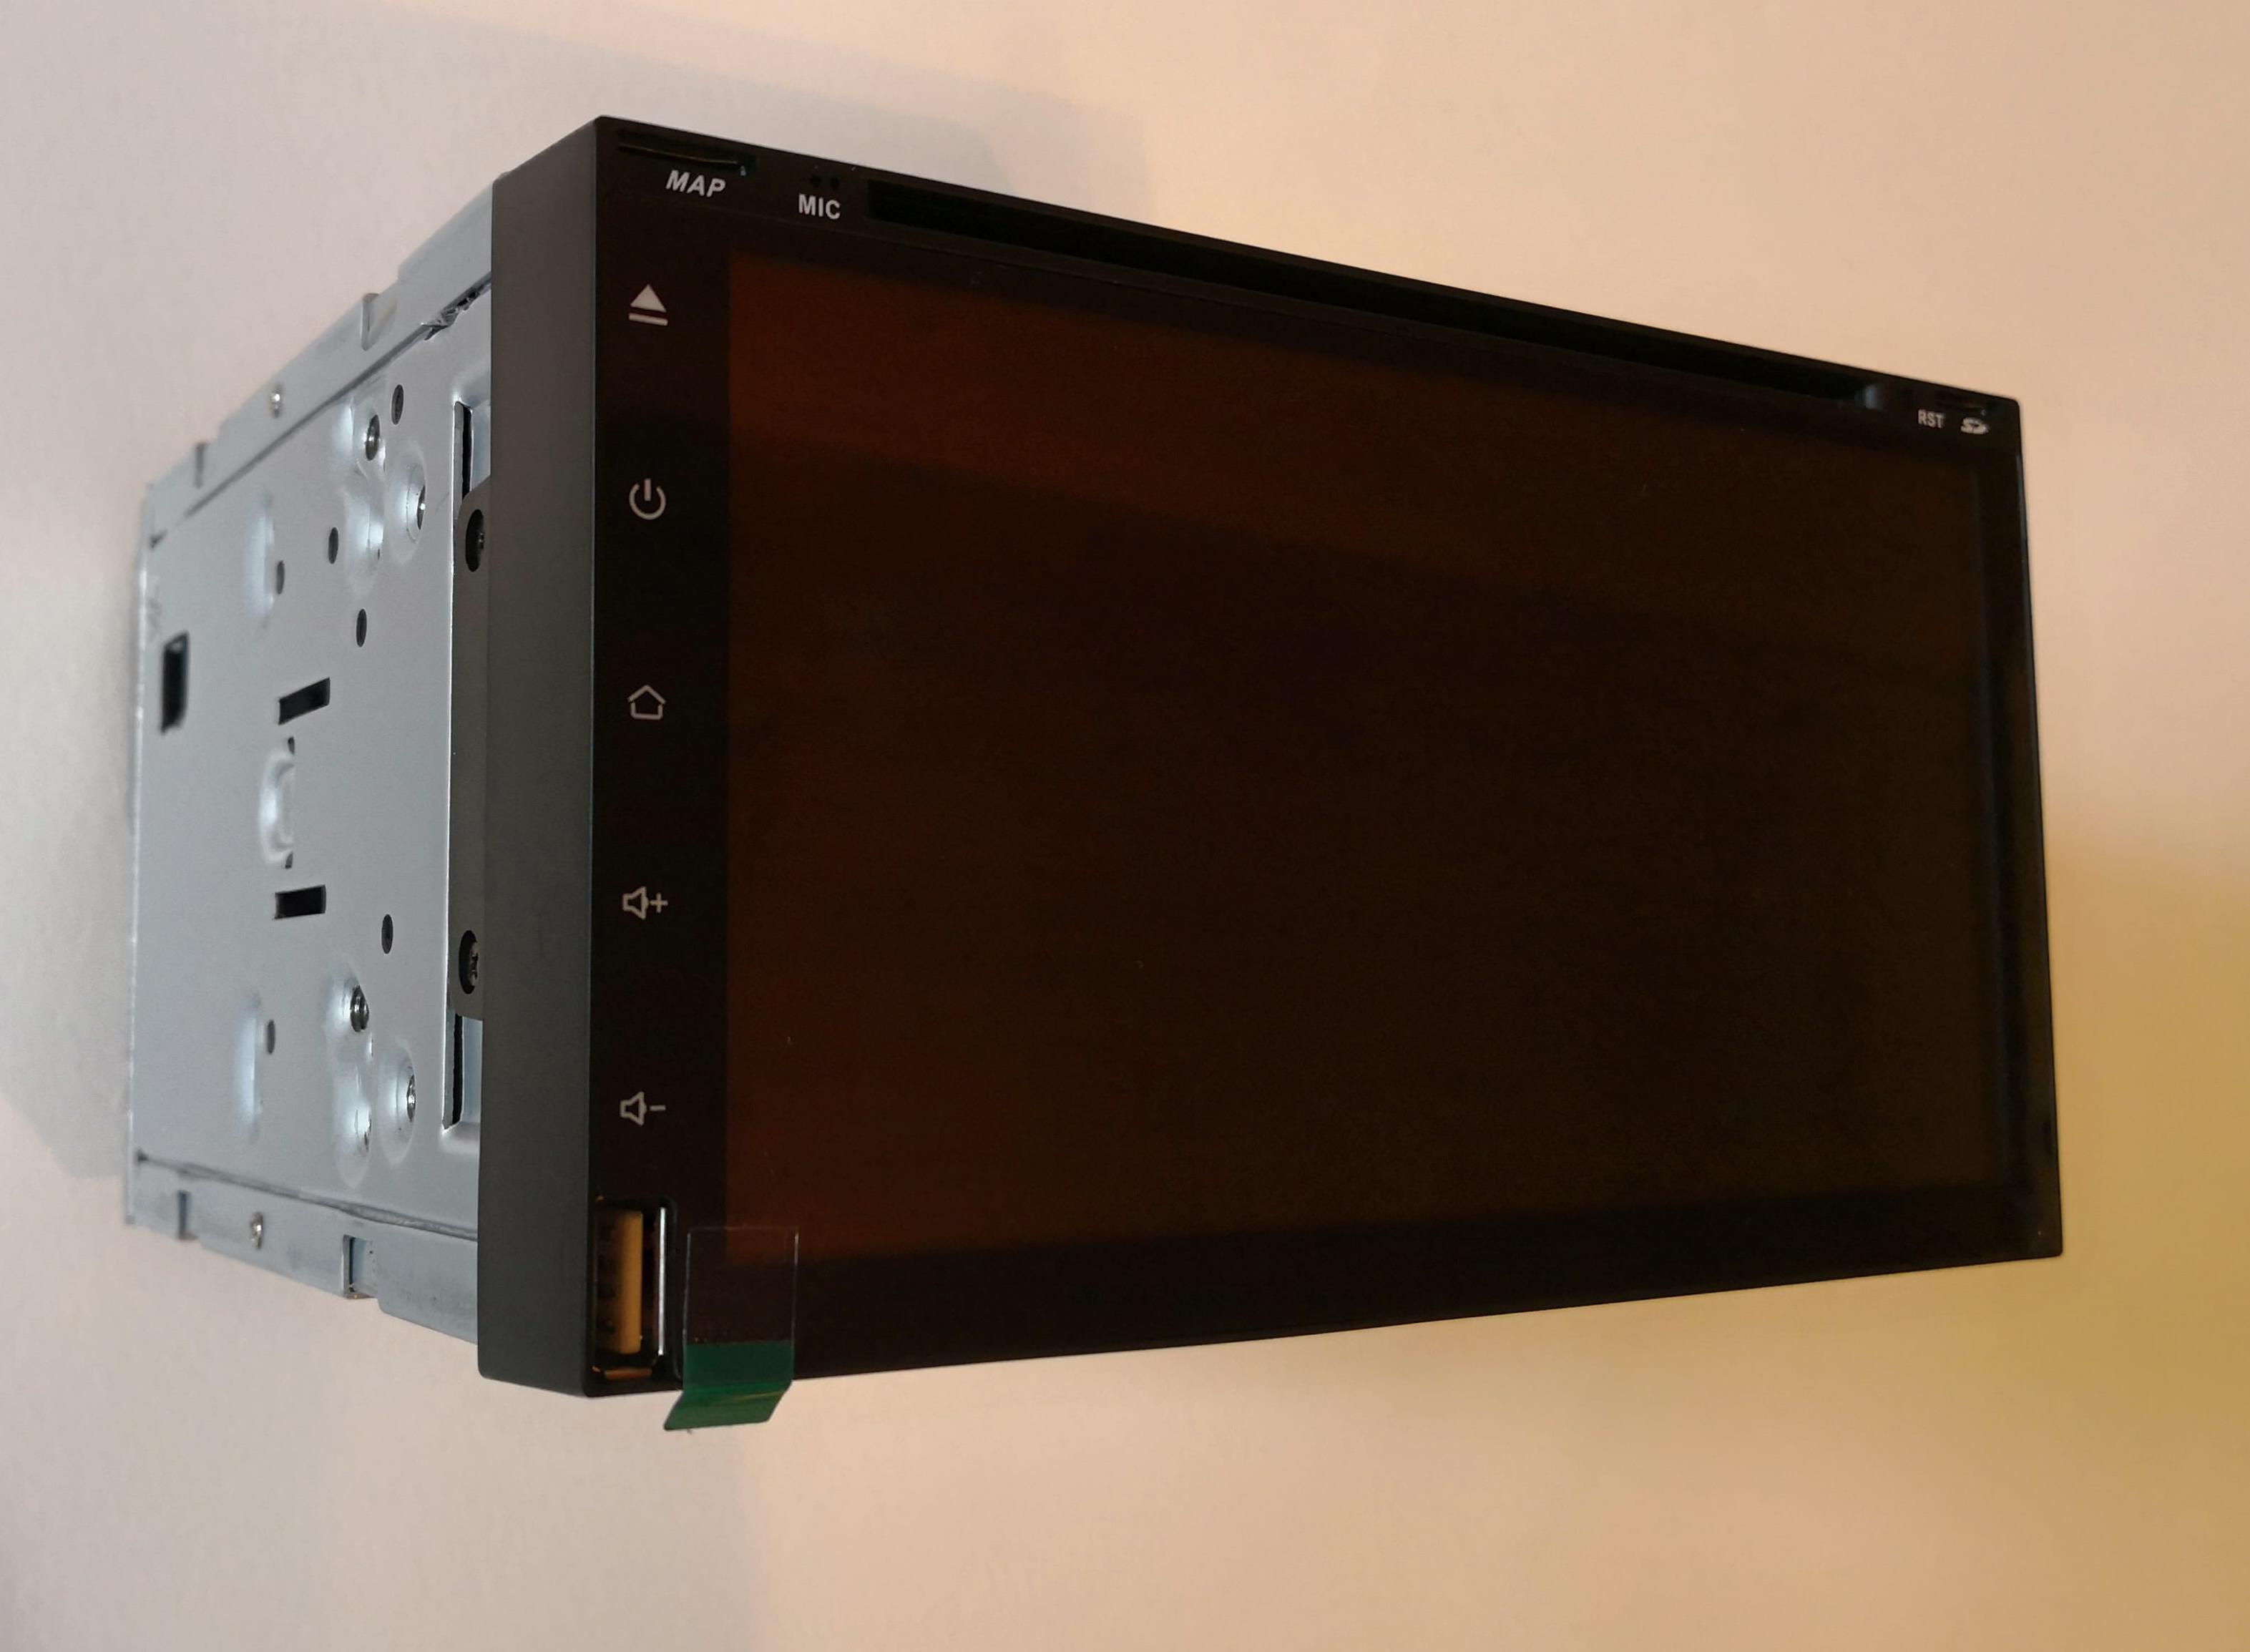 Штатная магнитола CARMEDIA TP-UN001 DVD универсальная установка II DIN (кабель Nissan в комплекте) (+ камера заднего вида) штатная магнитола carmedia nm 5002 универсальная установка ii din